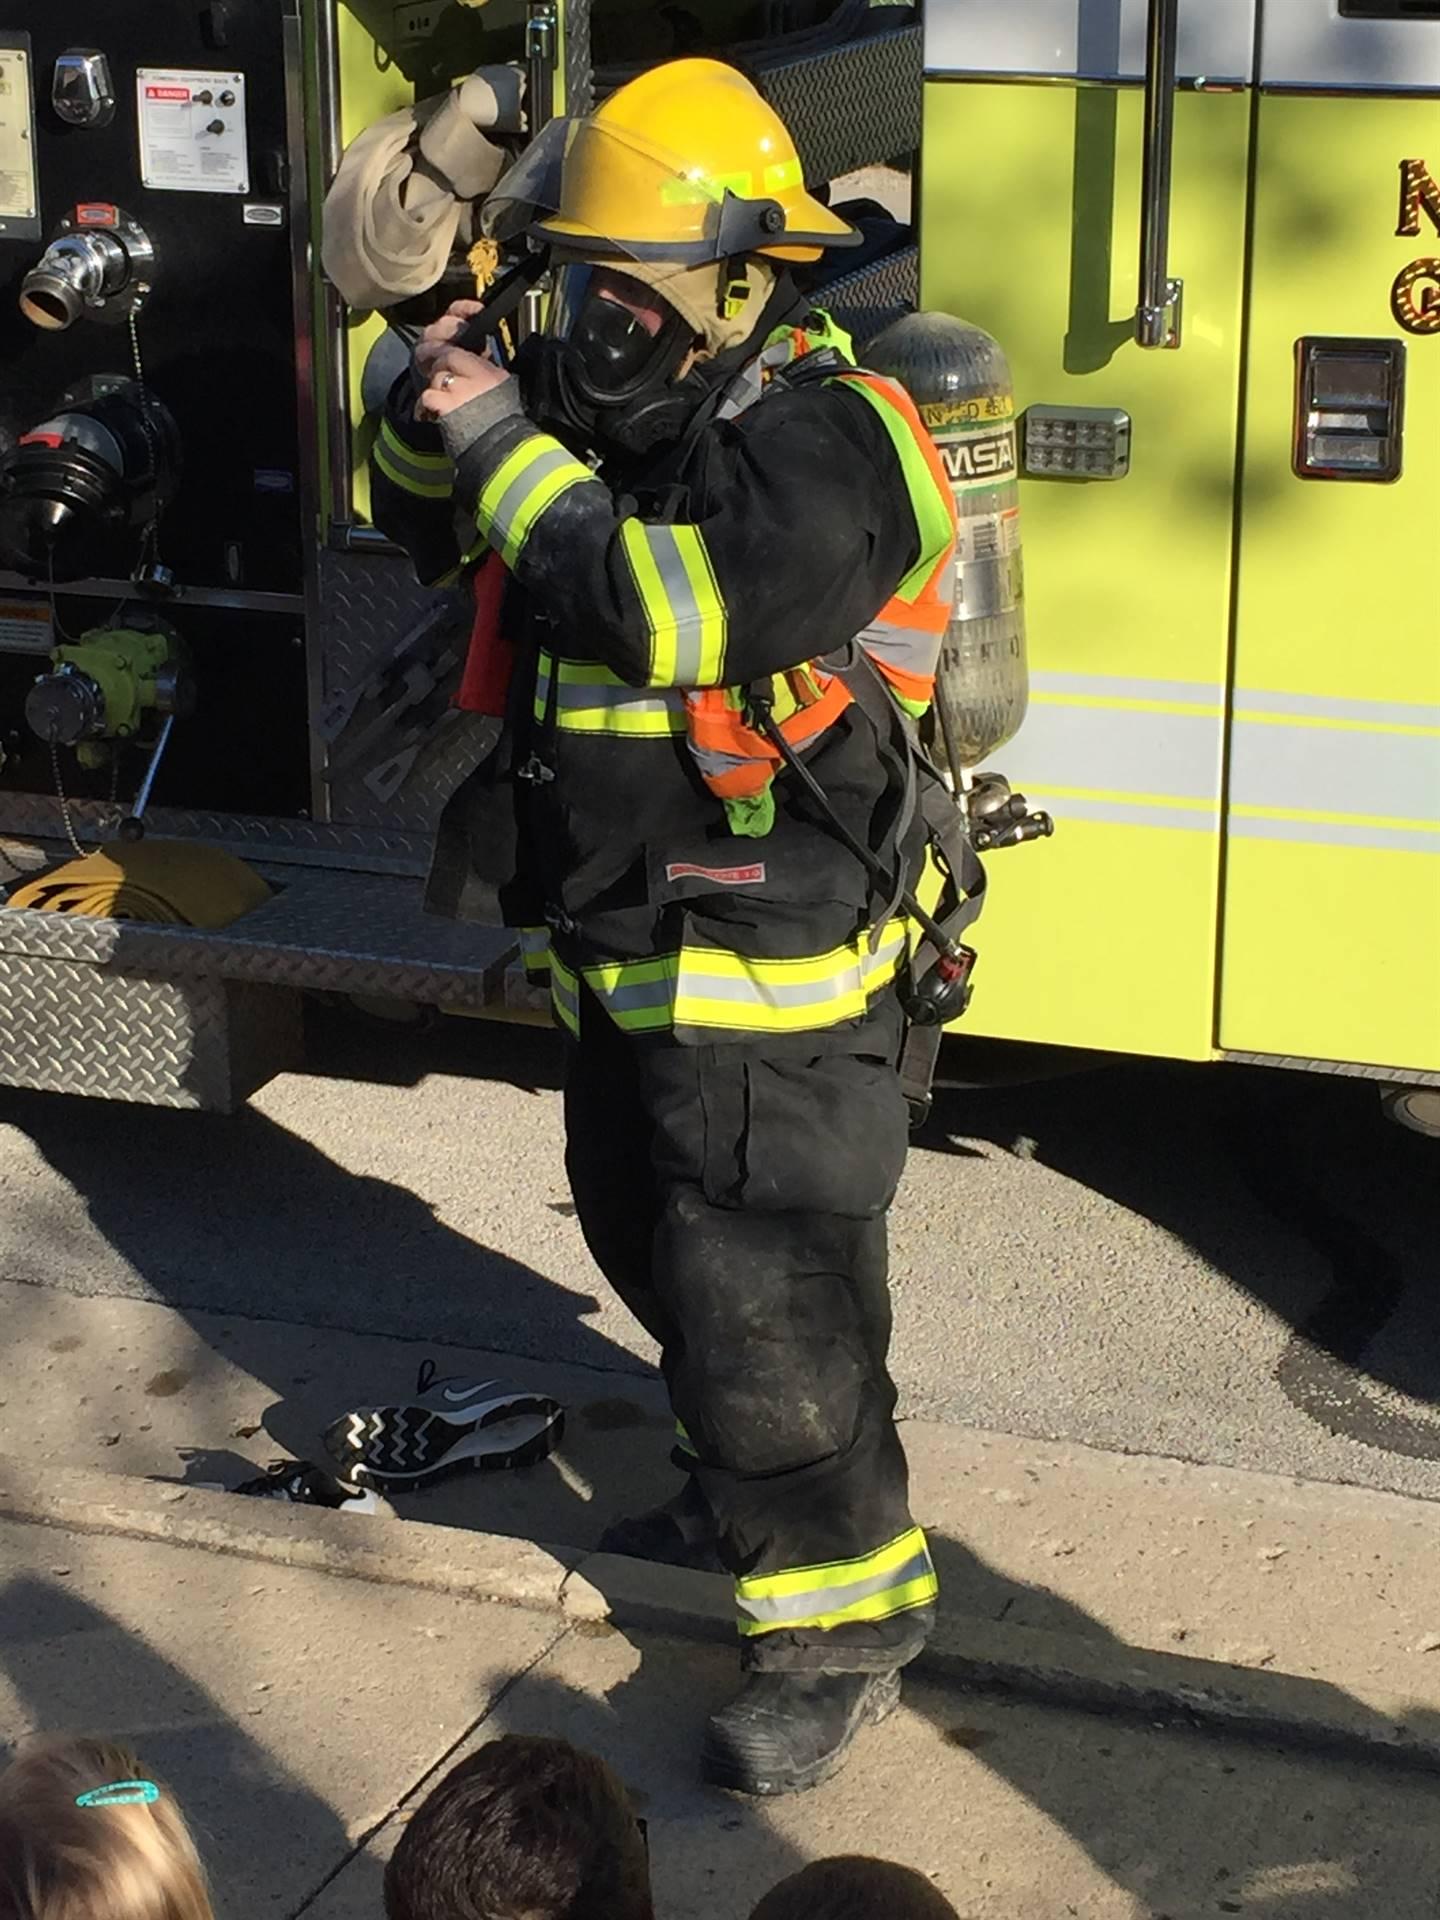 firefighter uniform